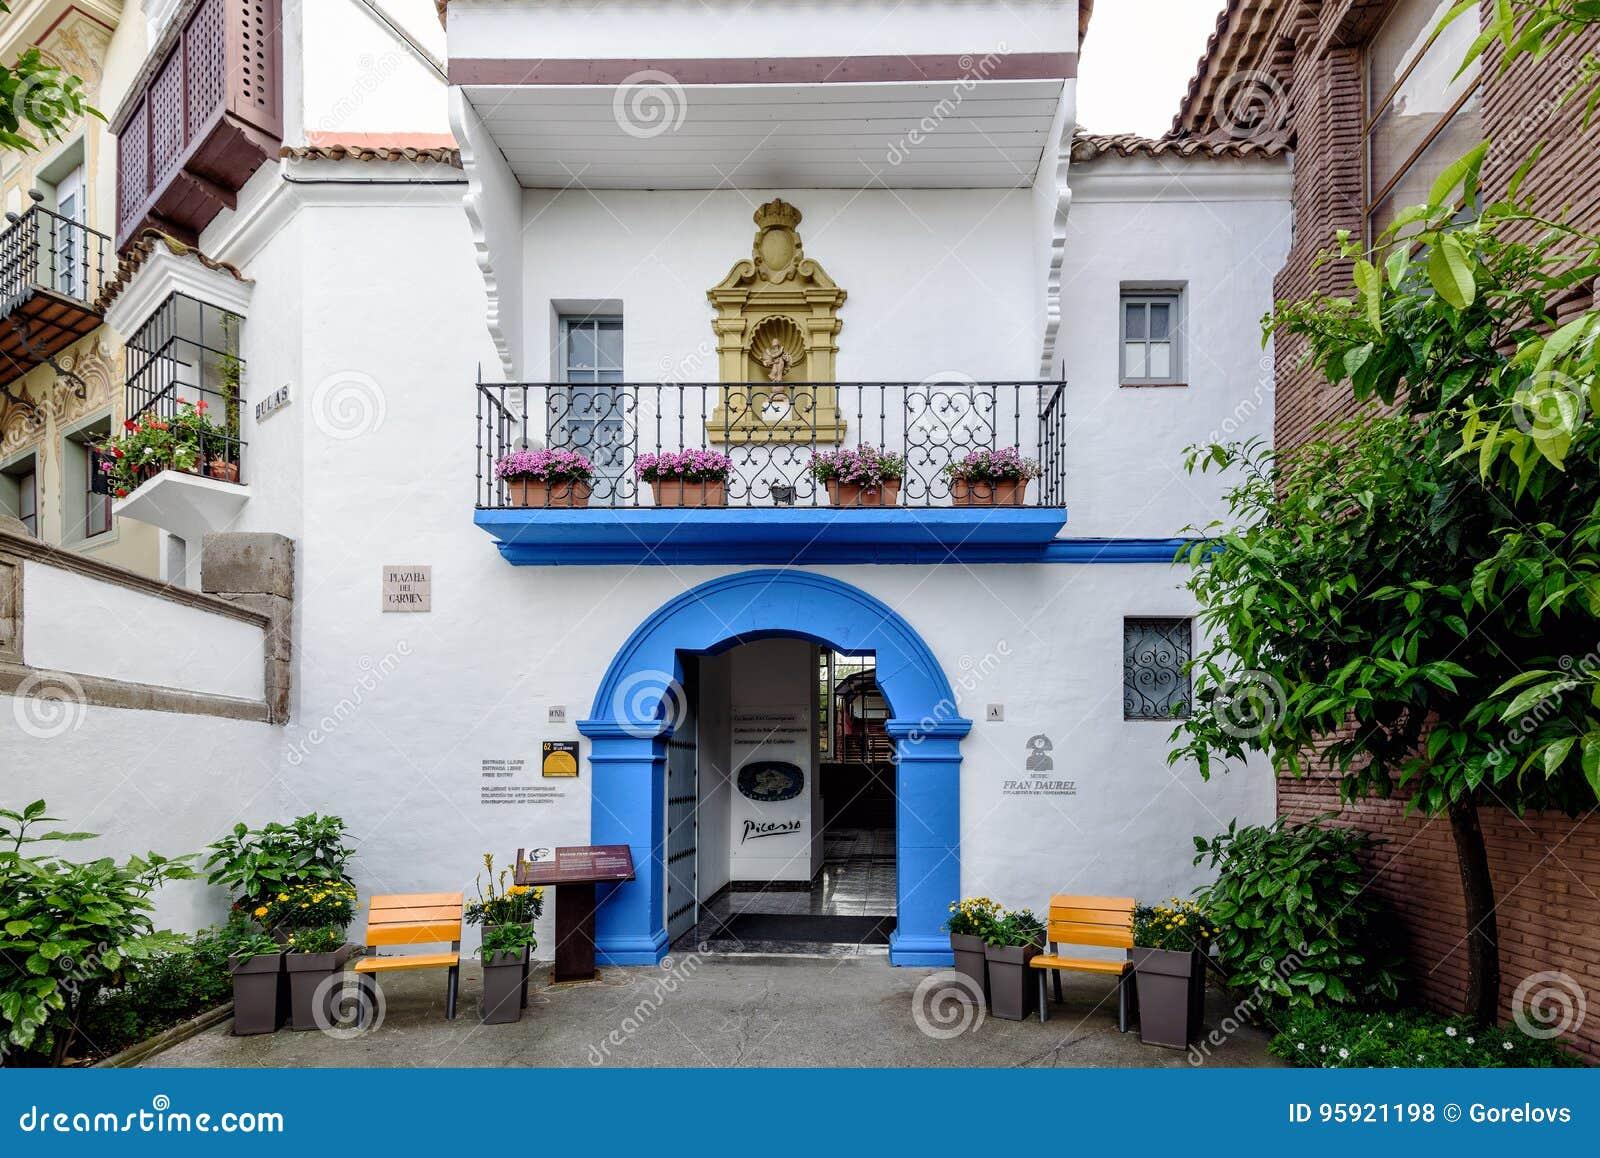 Blauwe boog als ingang aan het museum van Picasso in Traditioneel Spaans dorp in de stad van Barcelona